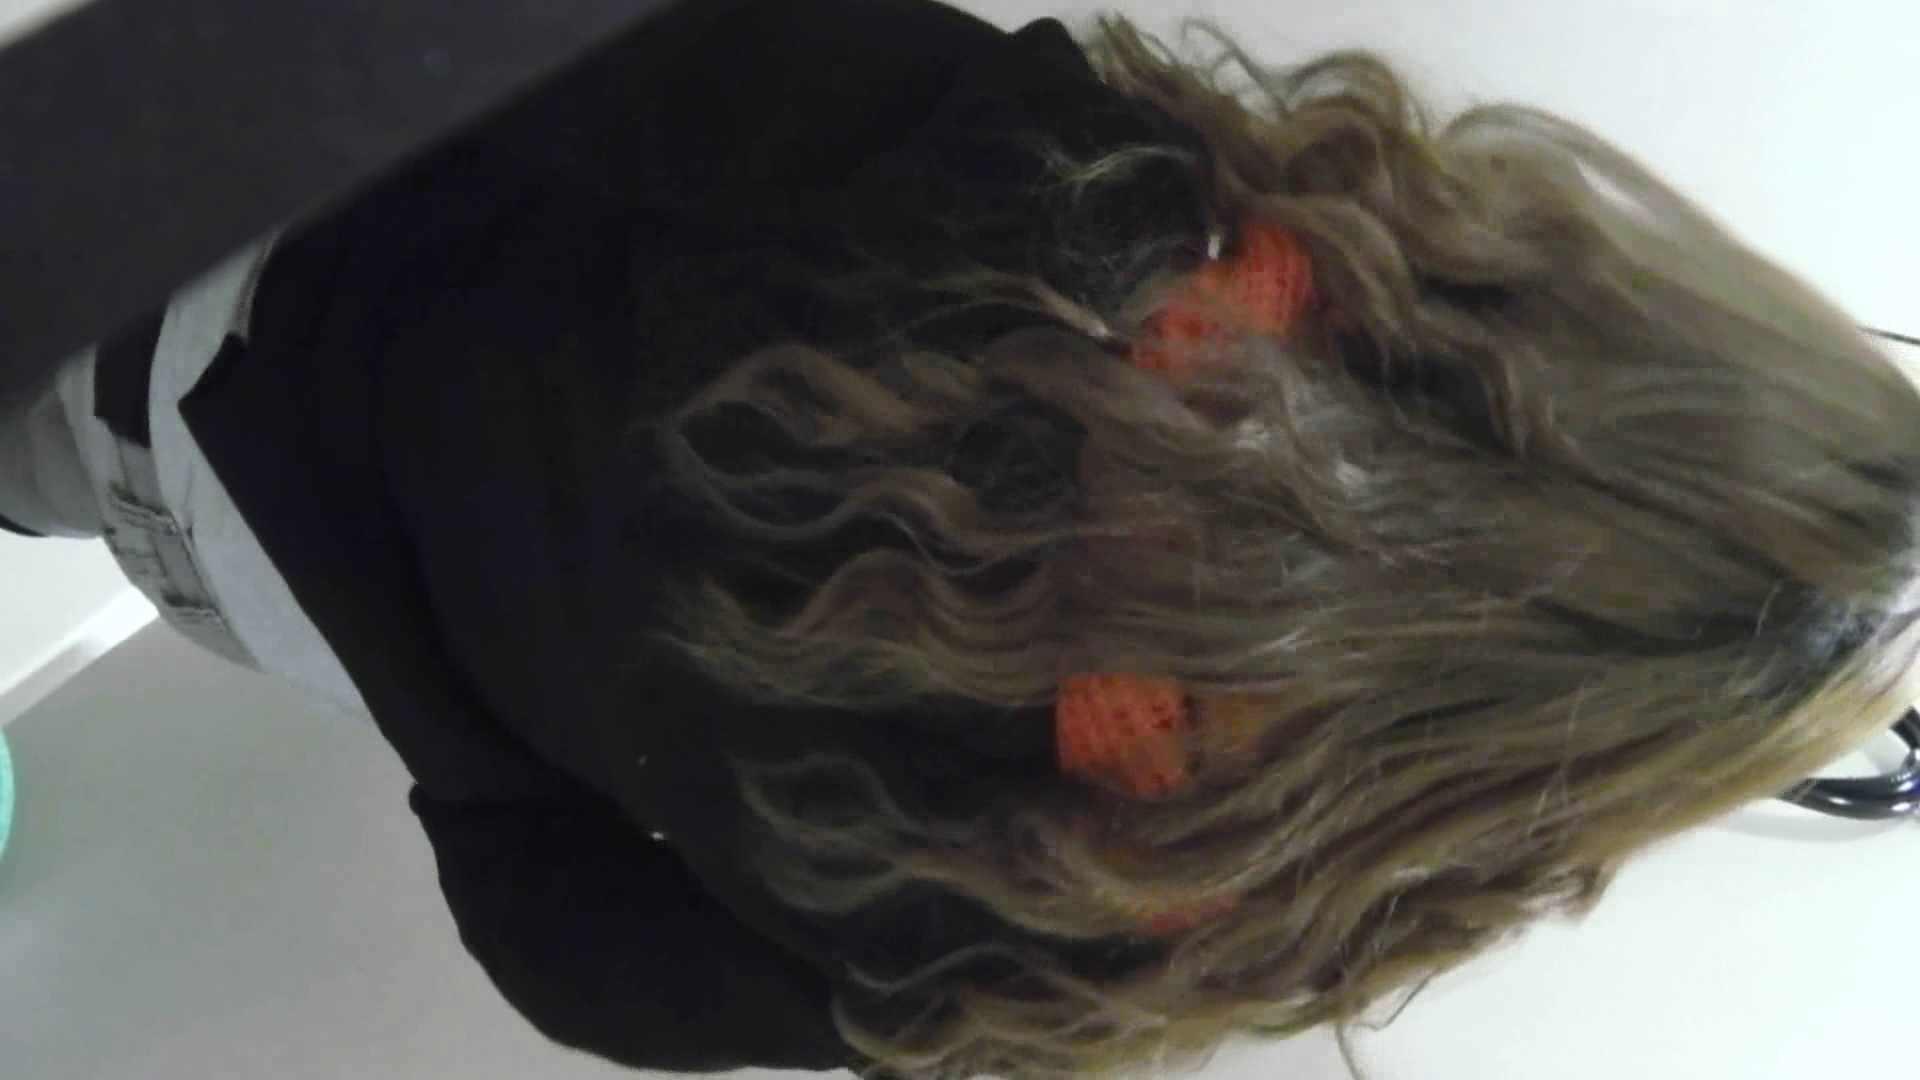 世界の射窓から vol.35 女厕偷拍, 美罗城 南宁国贸 ハプニング   高画質  78枚 36